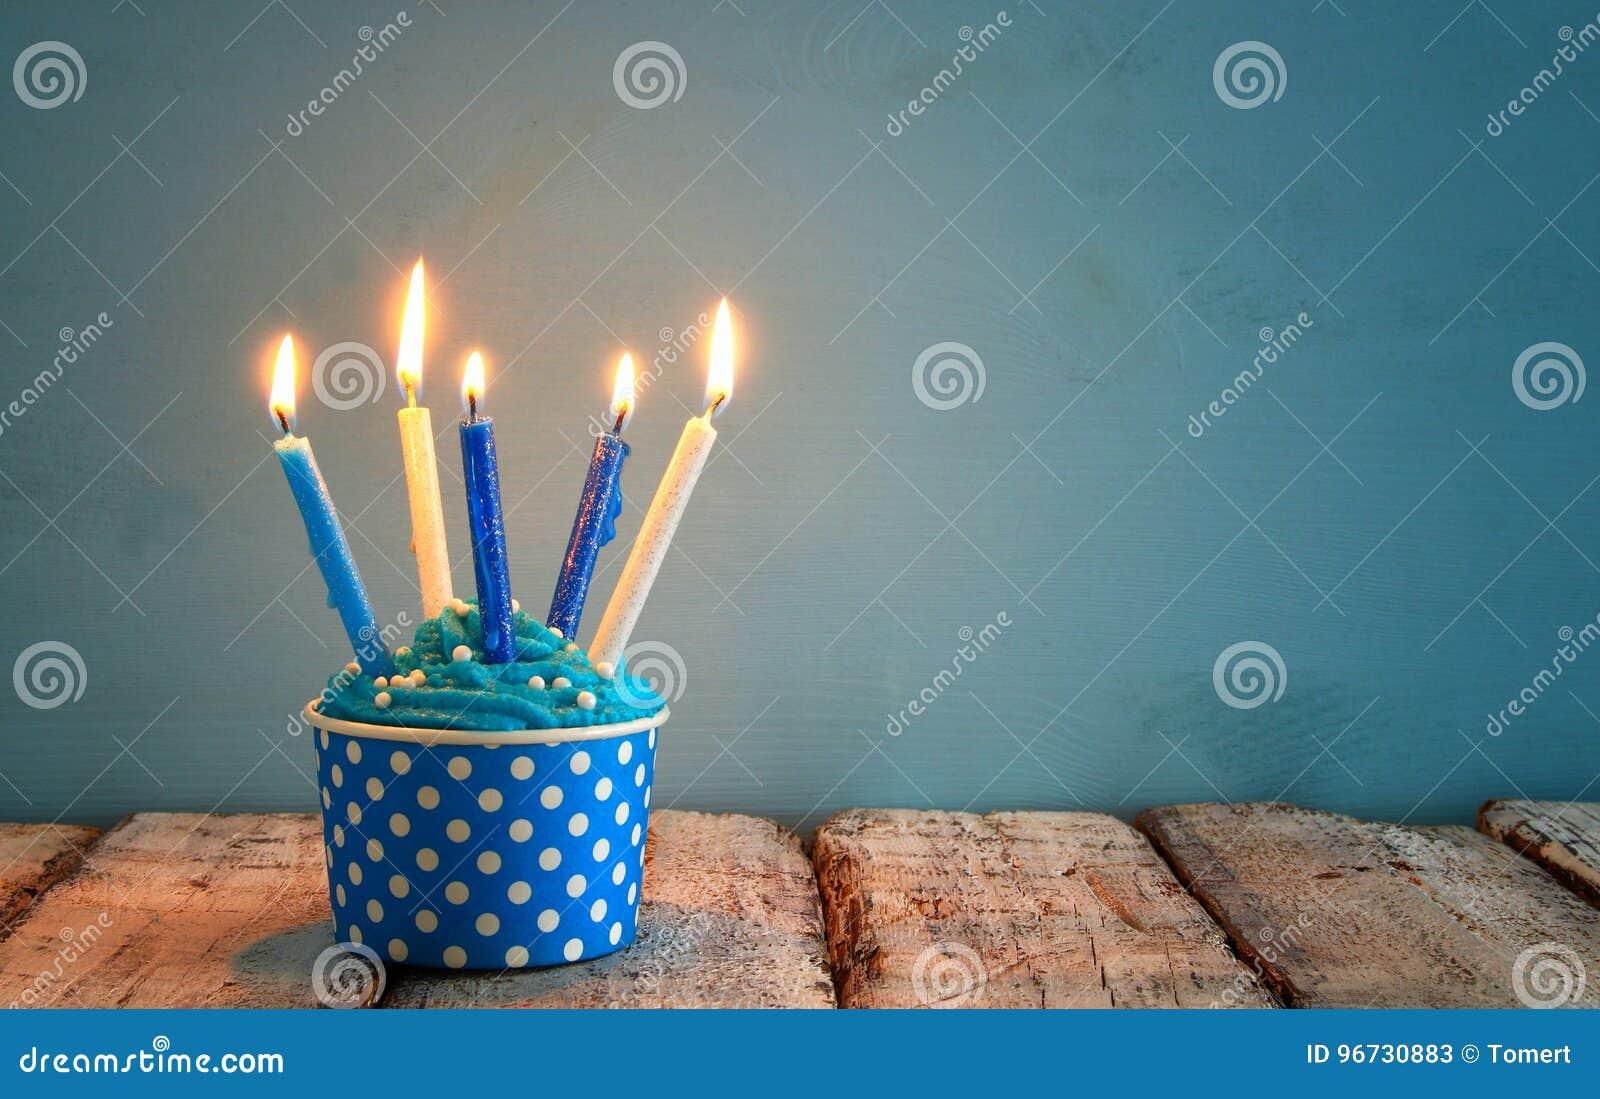 Concept d anniversaire avec le petit gâteau et les bougies sur la table en bois